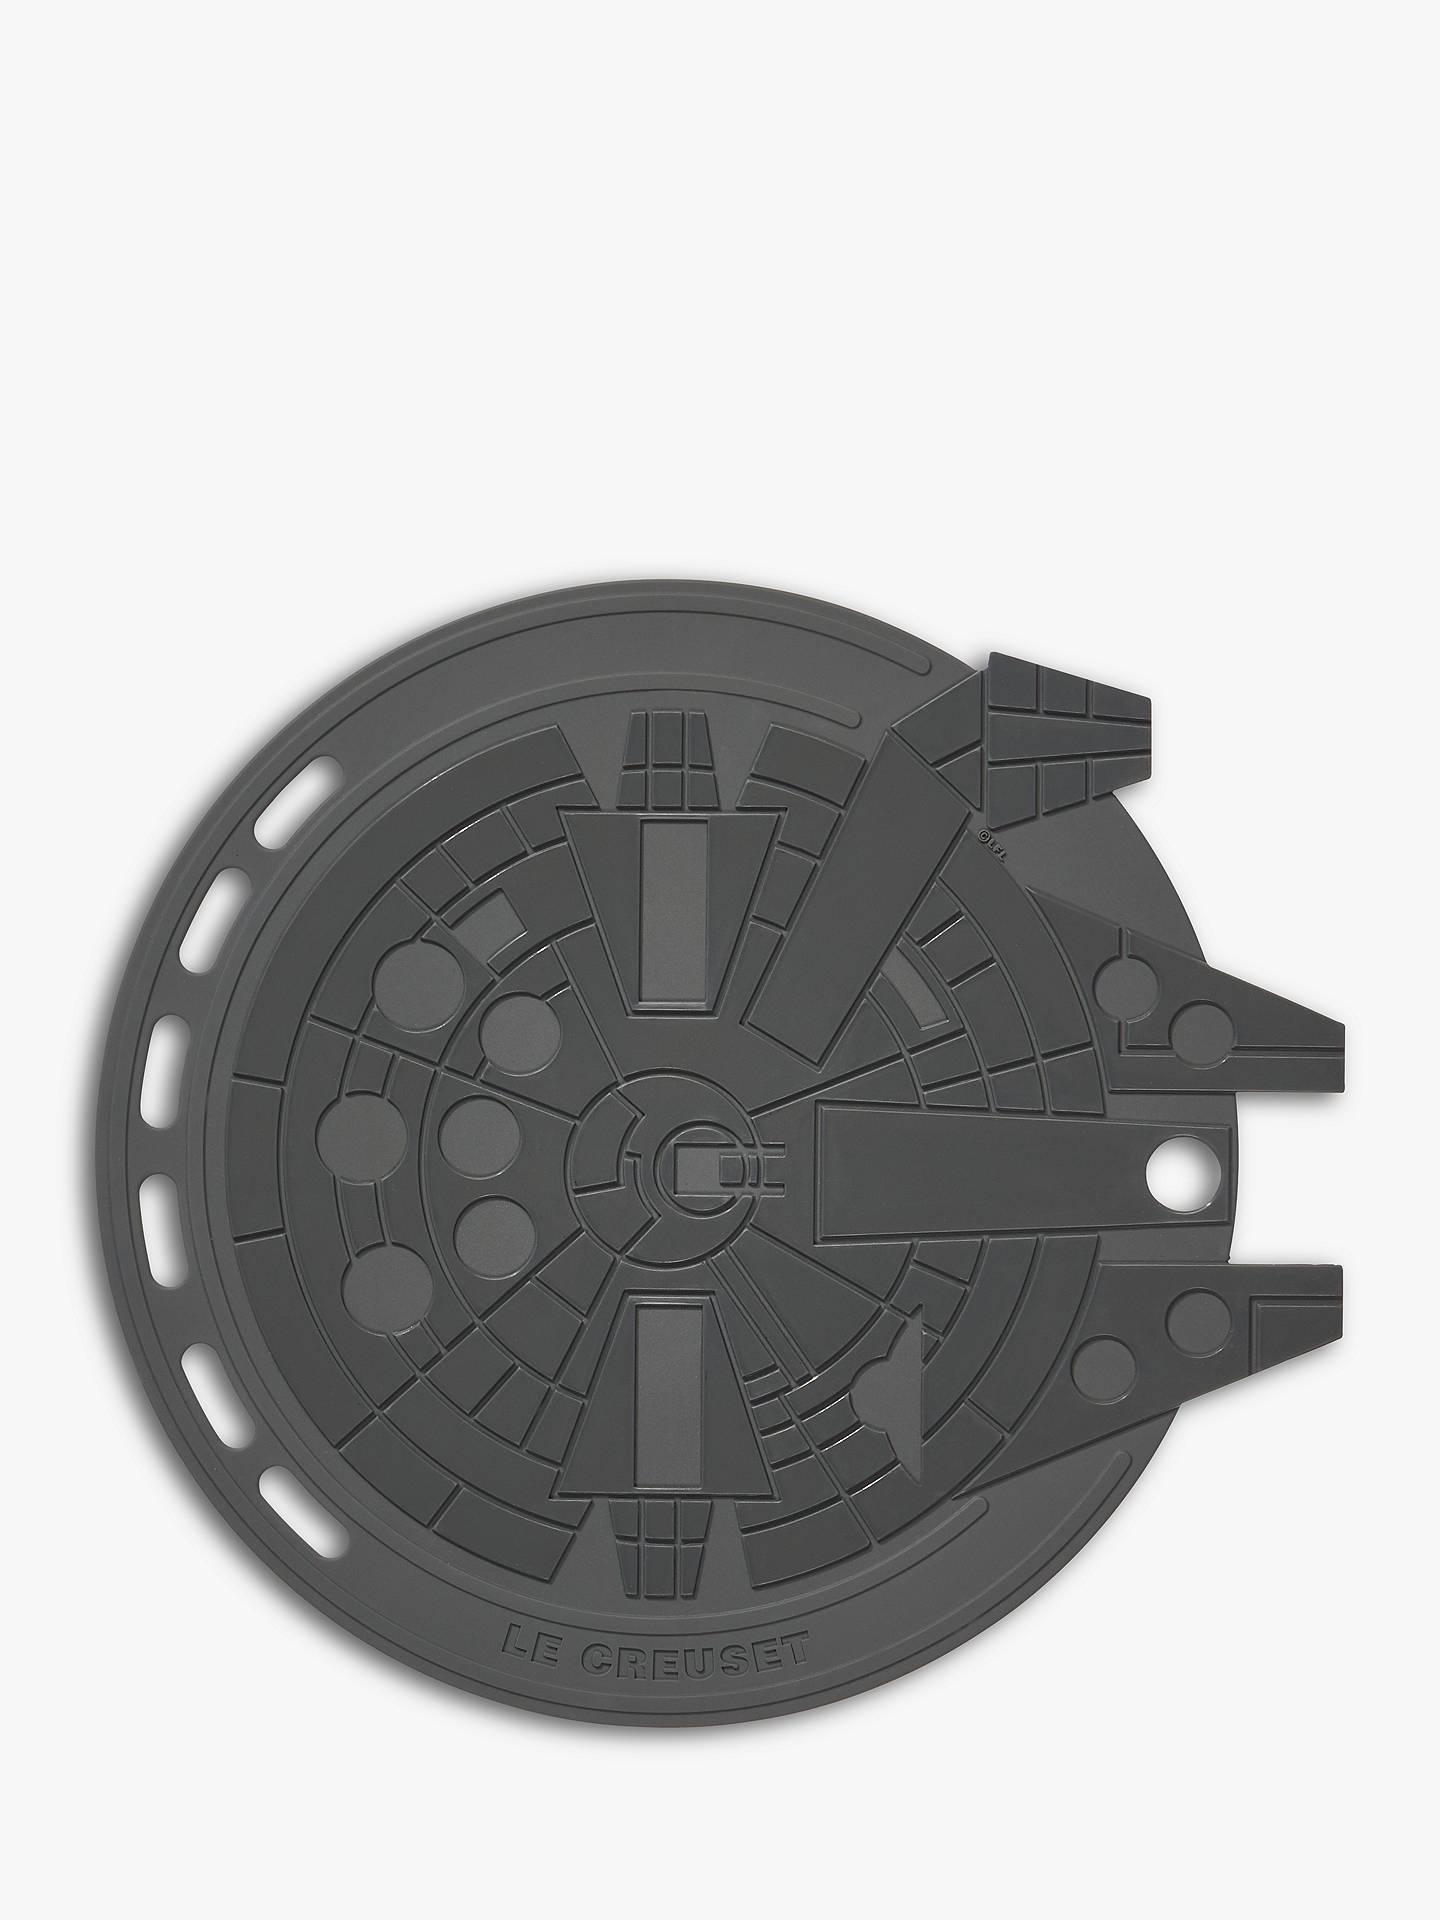 Le Creuset Star Wars Millennium Falcon